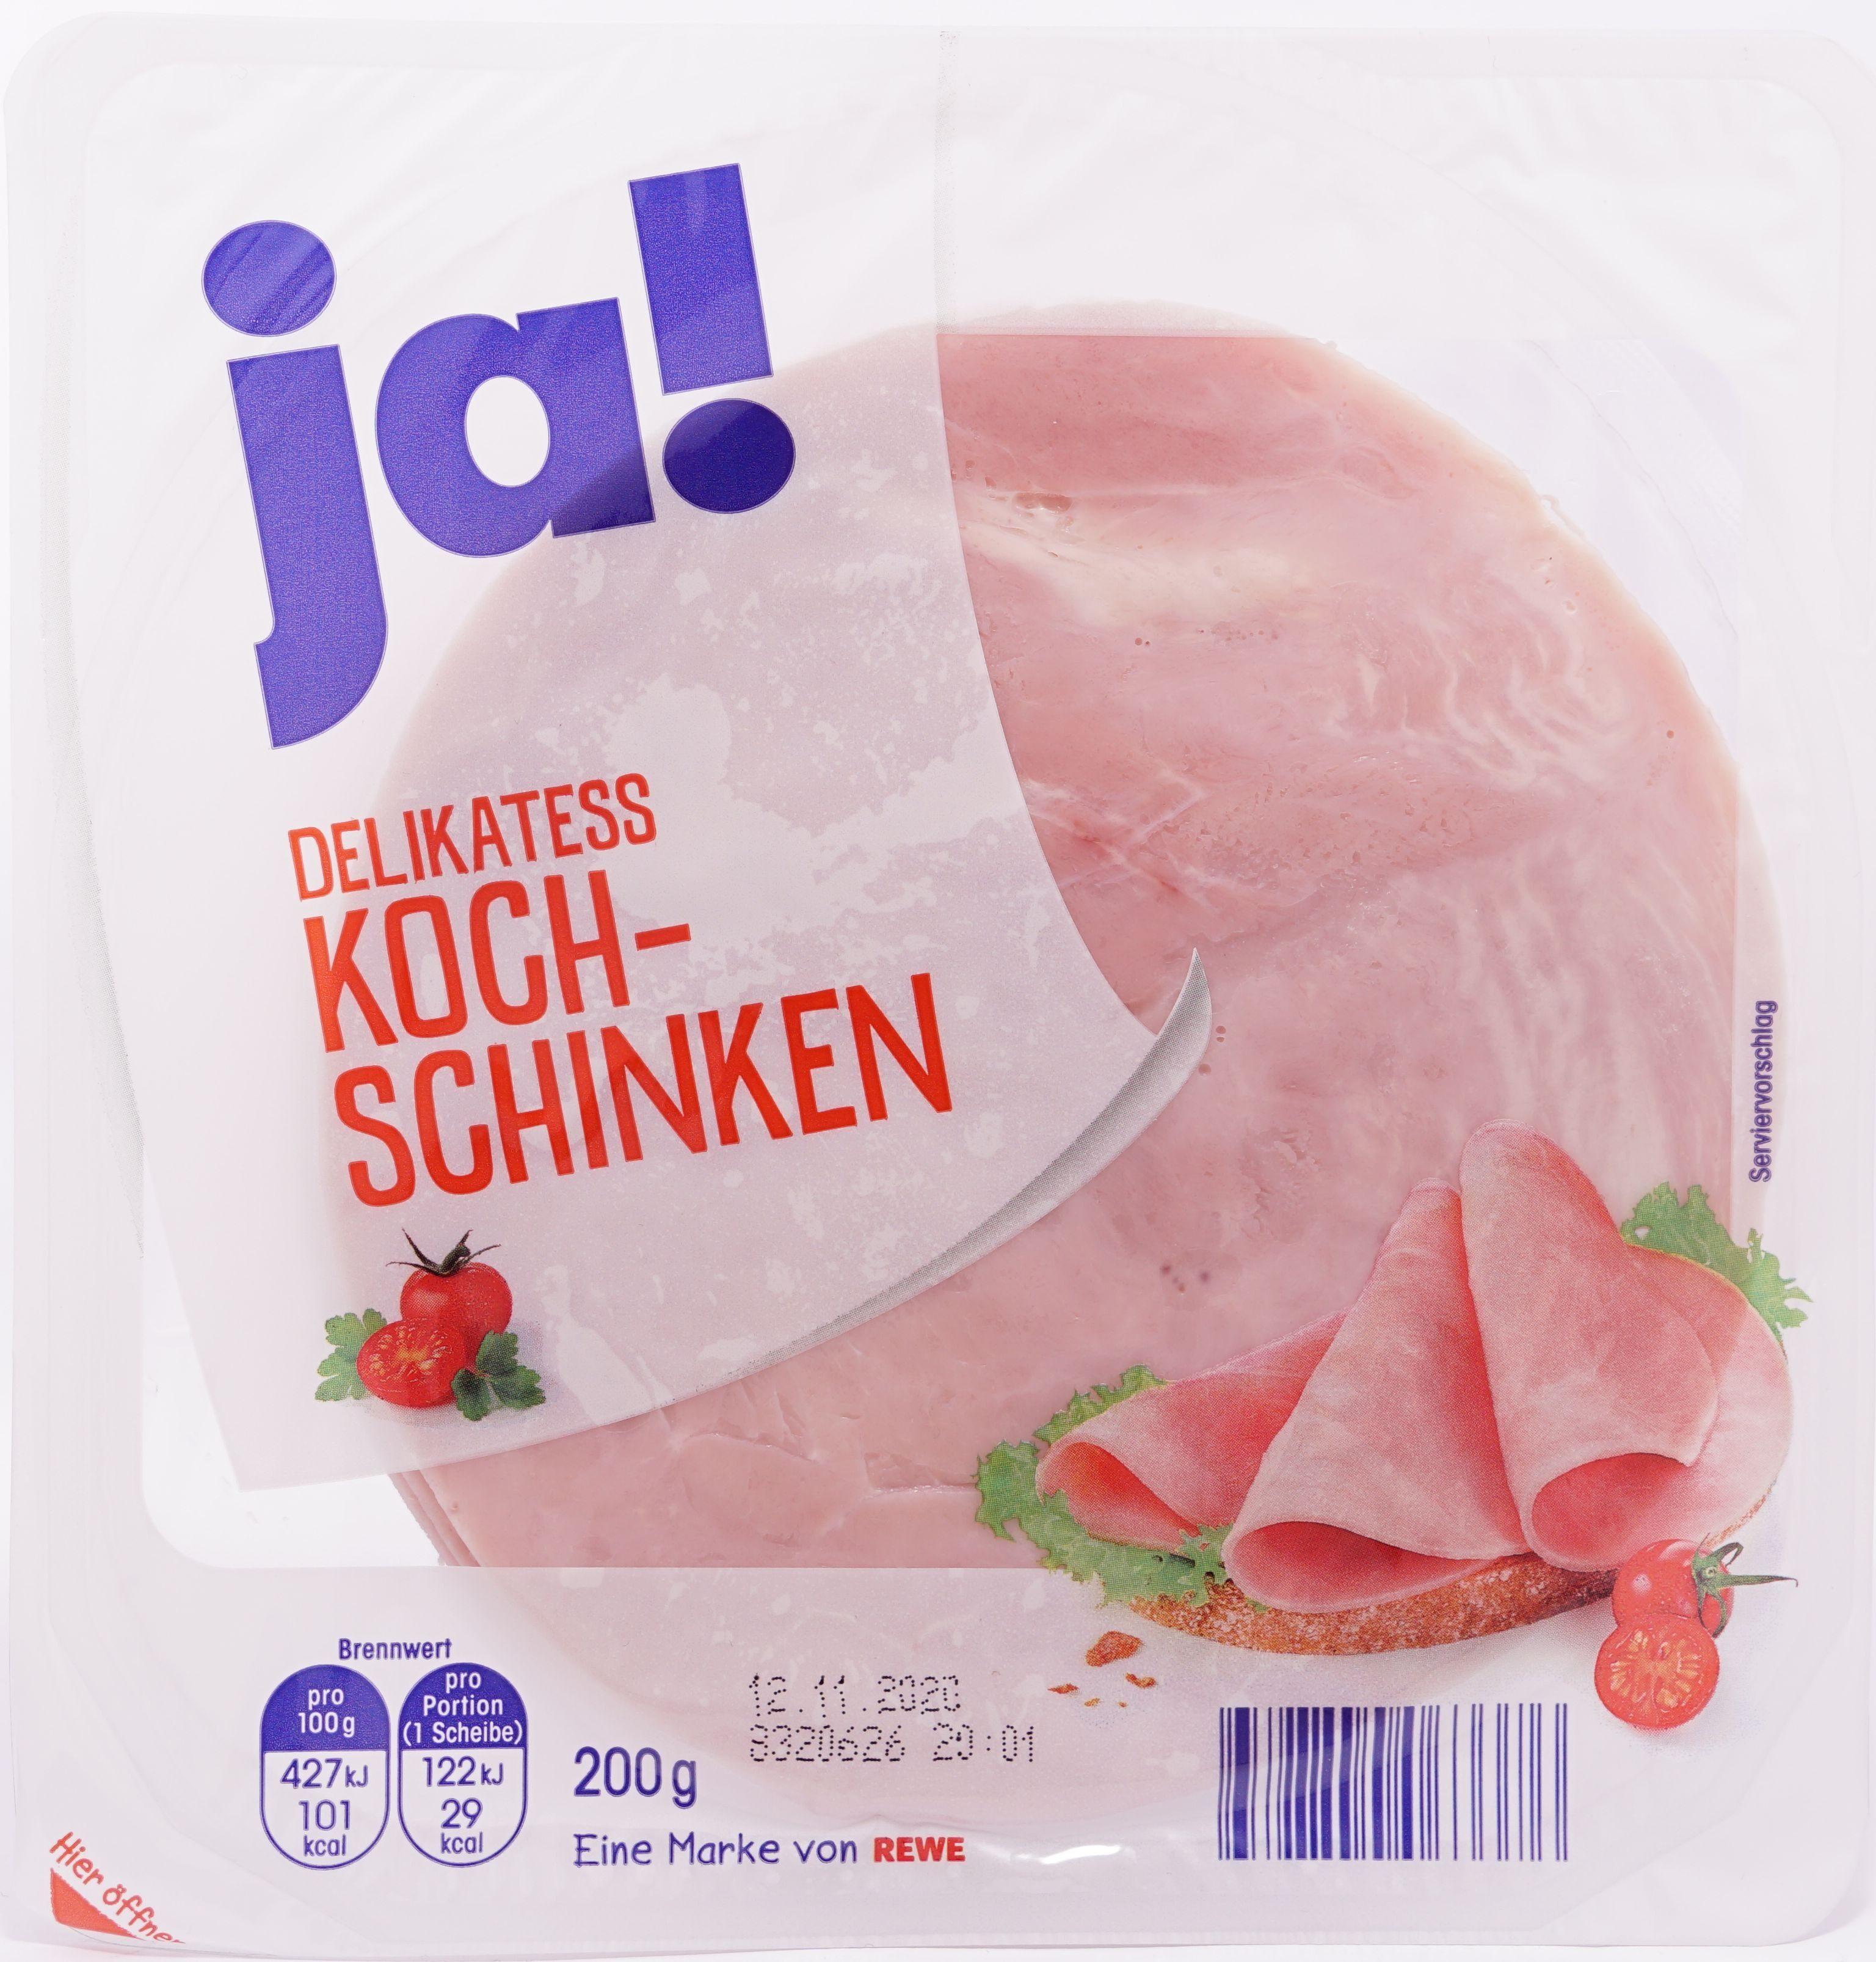 Delikatess Kochschinken - Product - de